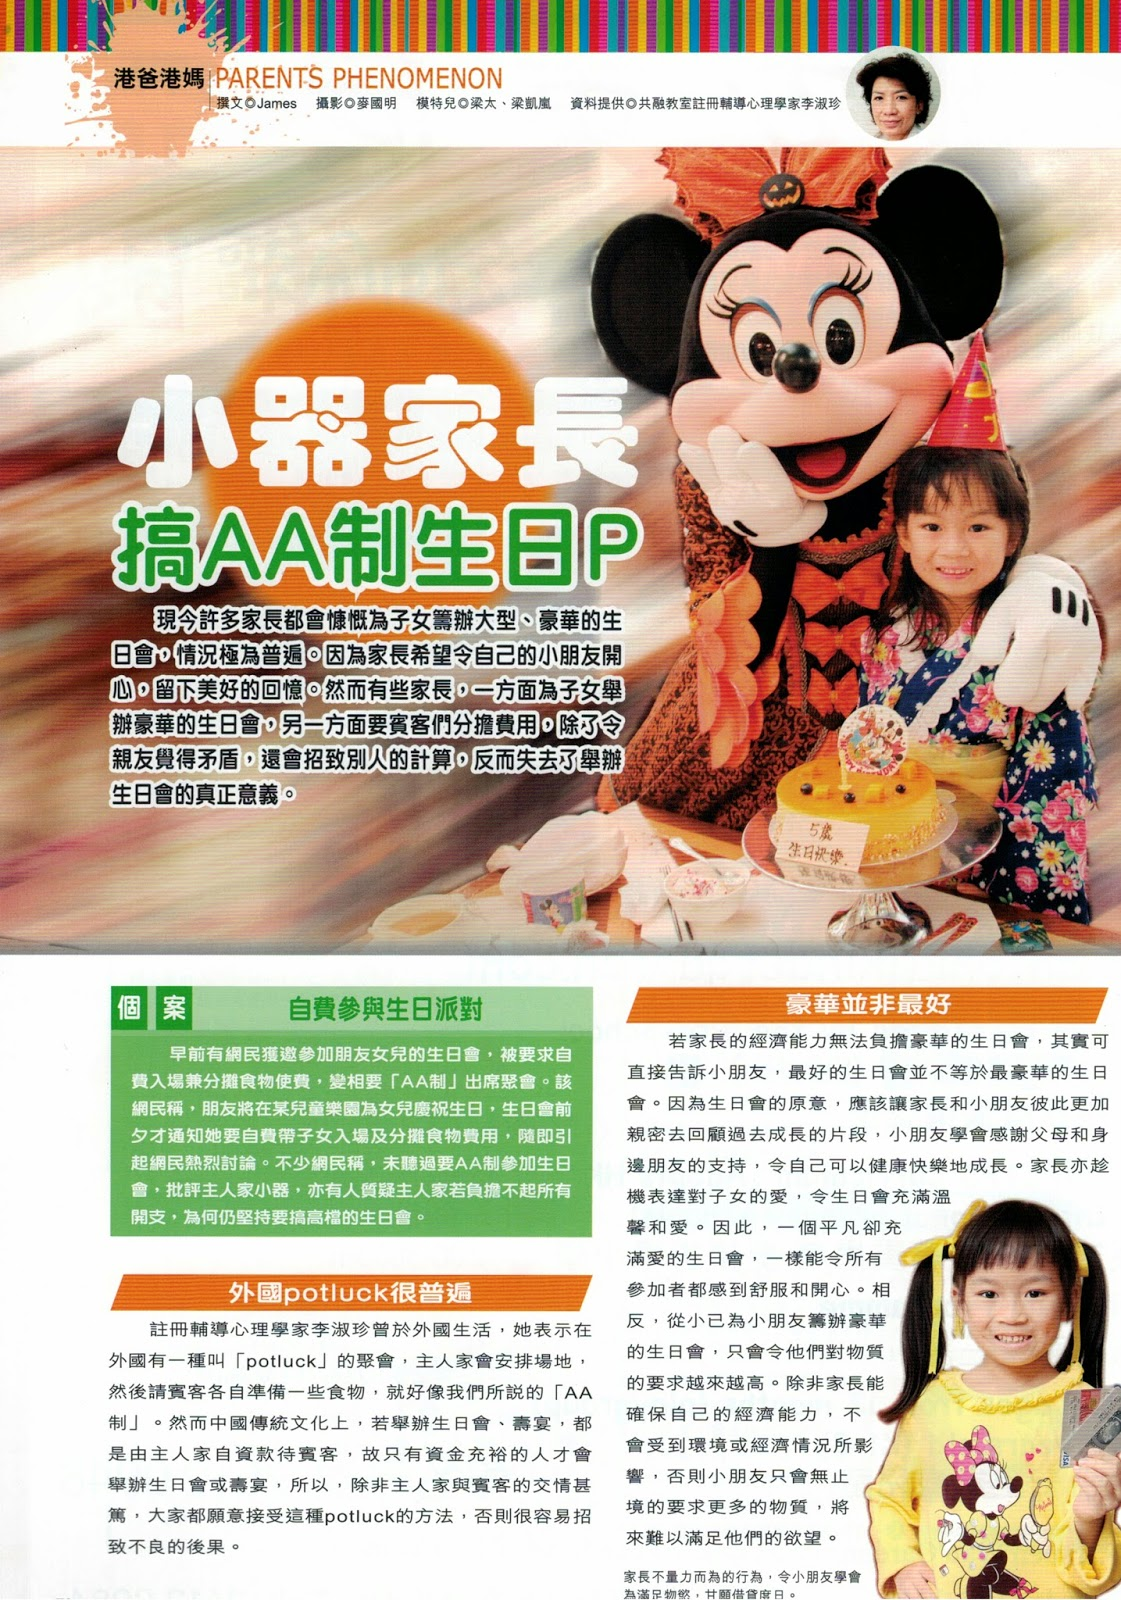 「學前教育」雜誌156期專訪